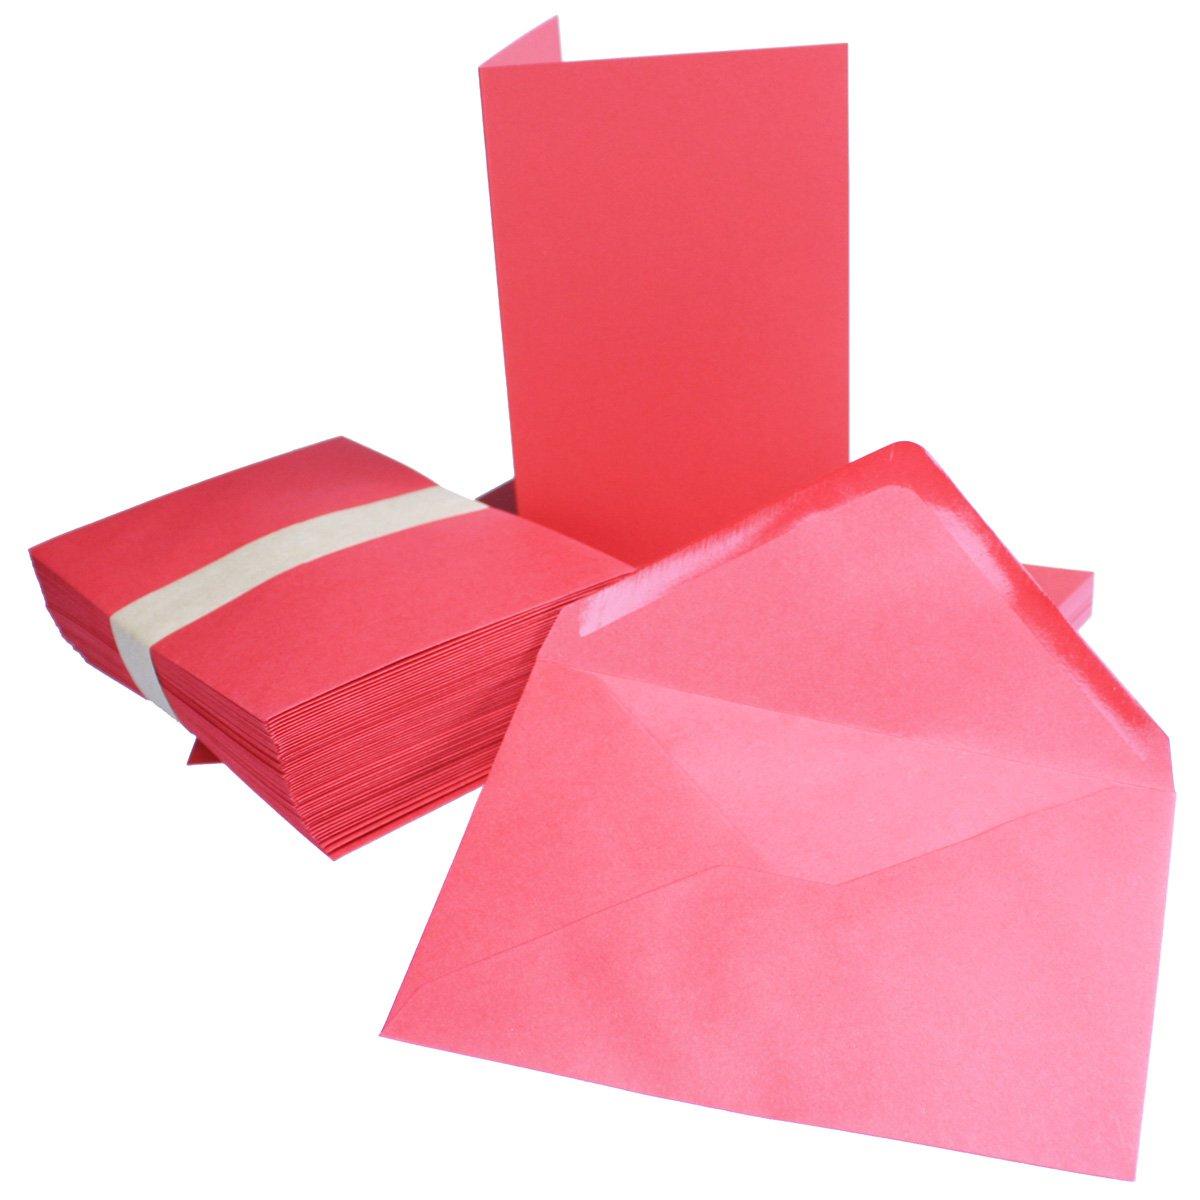 75 Sets - Faltkarten Hellgrau - Din A5  Umschläge Din C5 - Premium Qualität - Sehr formstabil - Qualitätsmarke  NEUSER FarbenFroh B07BSLFH44 | Spielen Sie das Beste